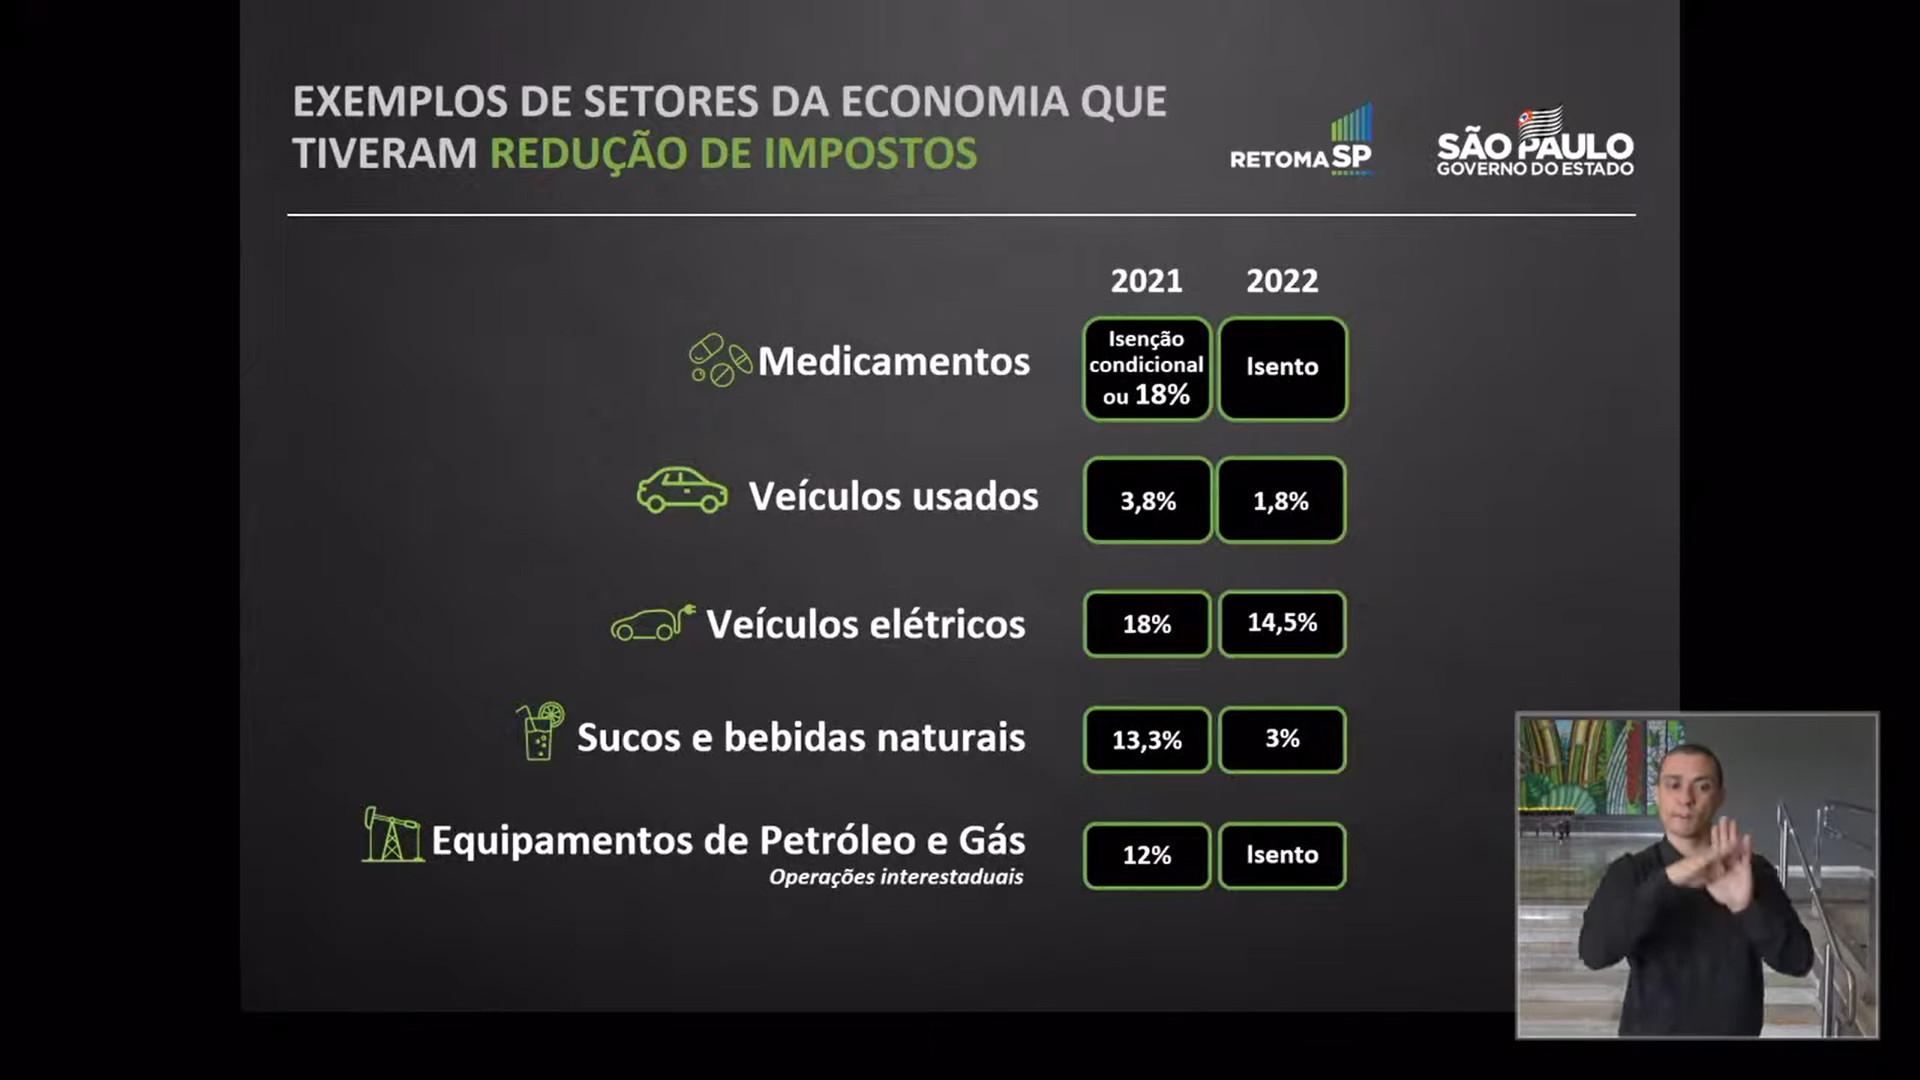 Indústria de eletrônicos ficou fora da desoneração fiscal do Estado de São Paulo. (Fonte: YouTube/Governo de São Paulo/Reprodução)